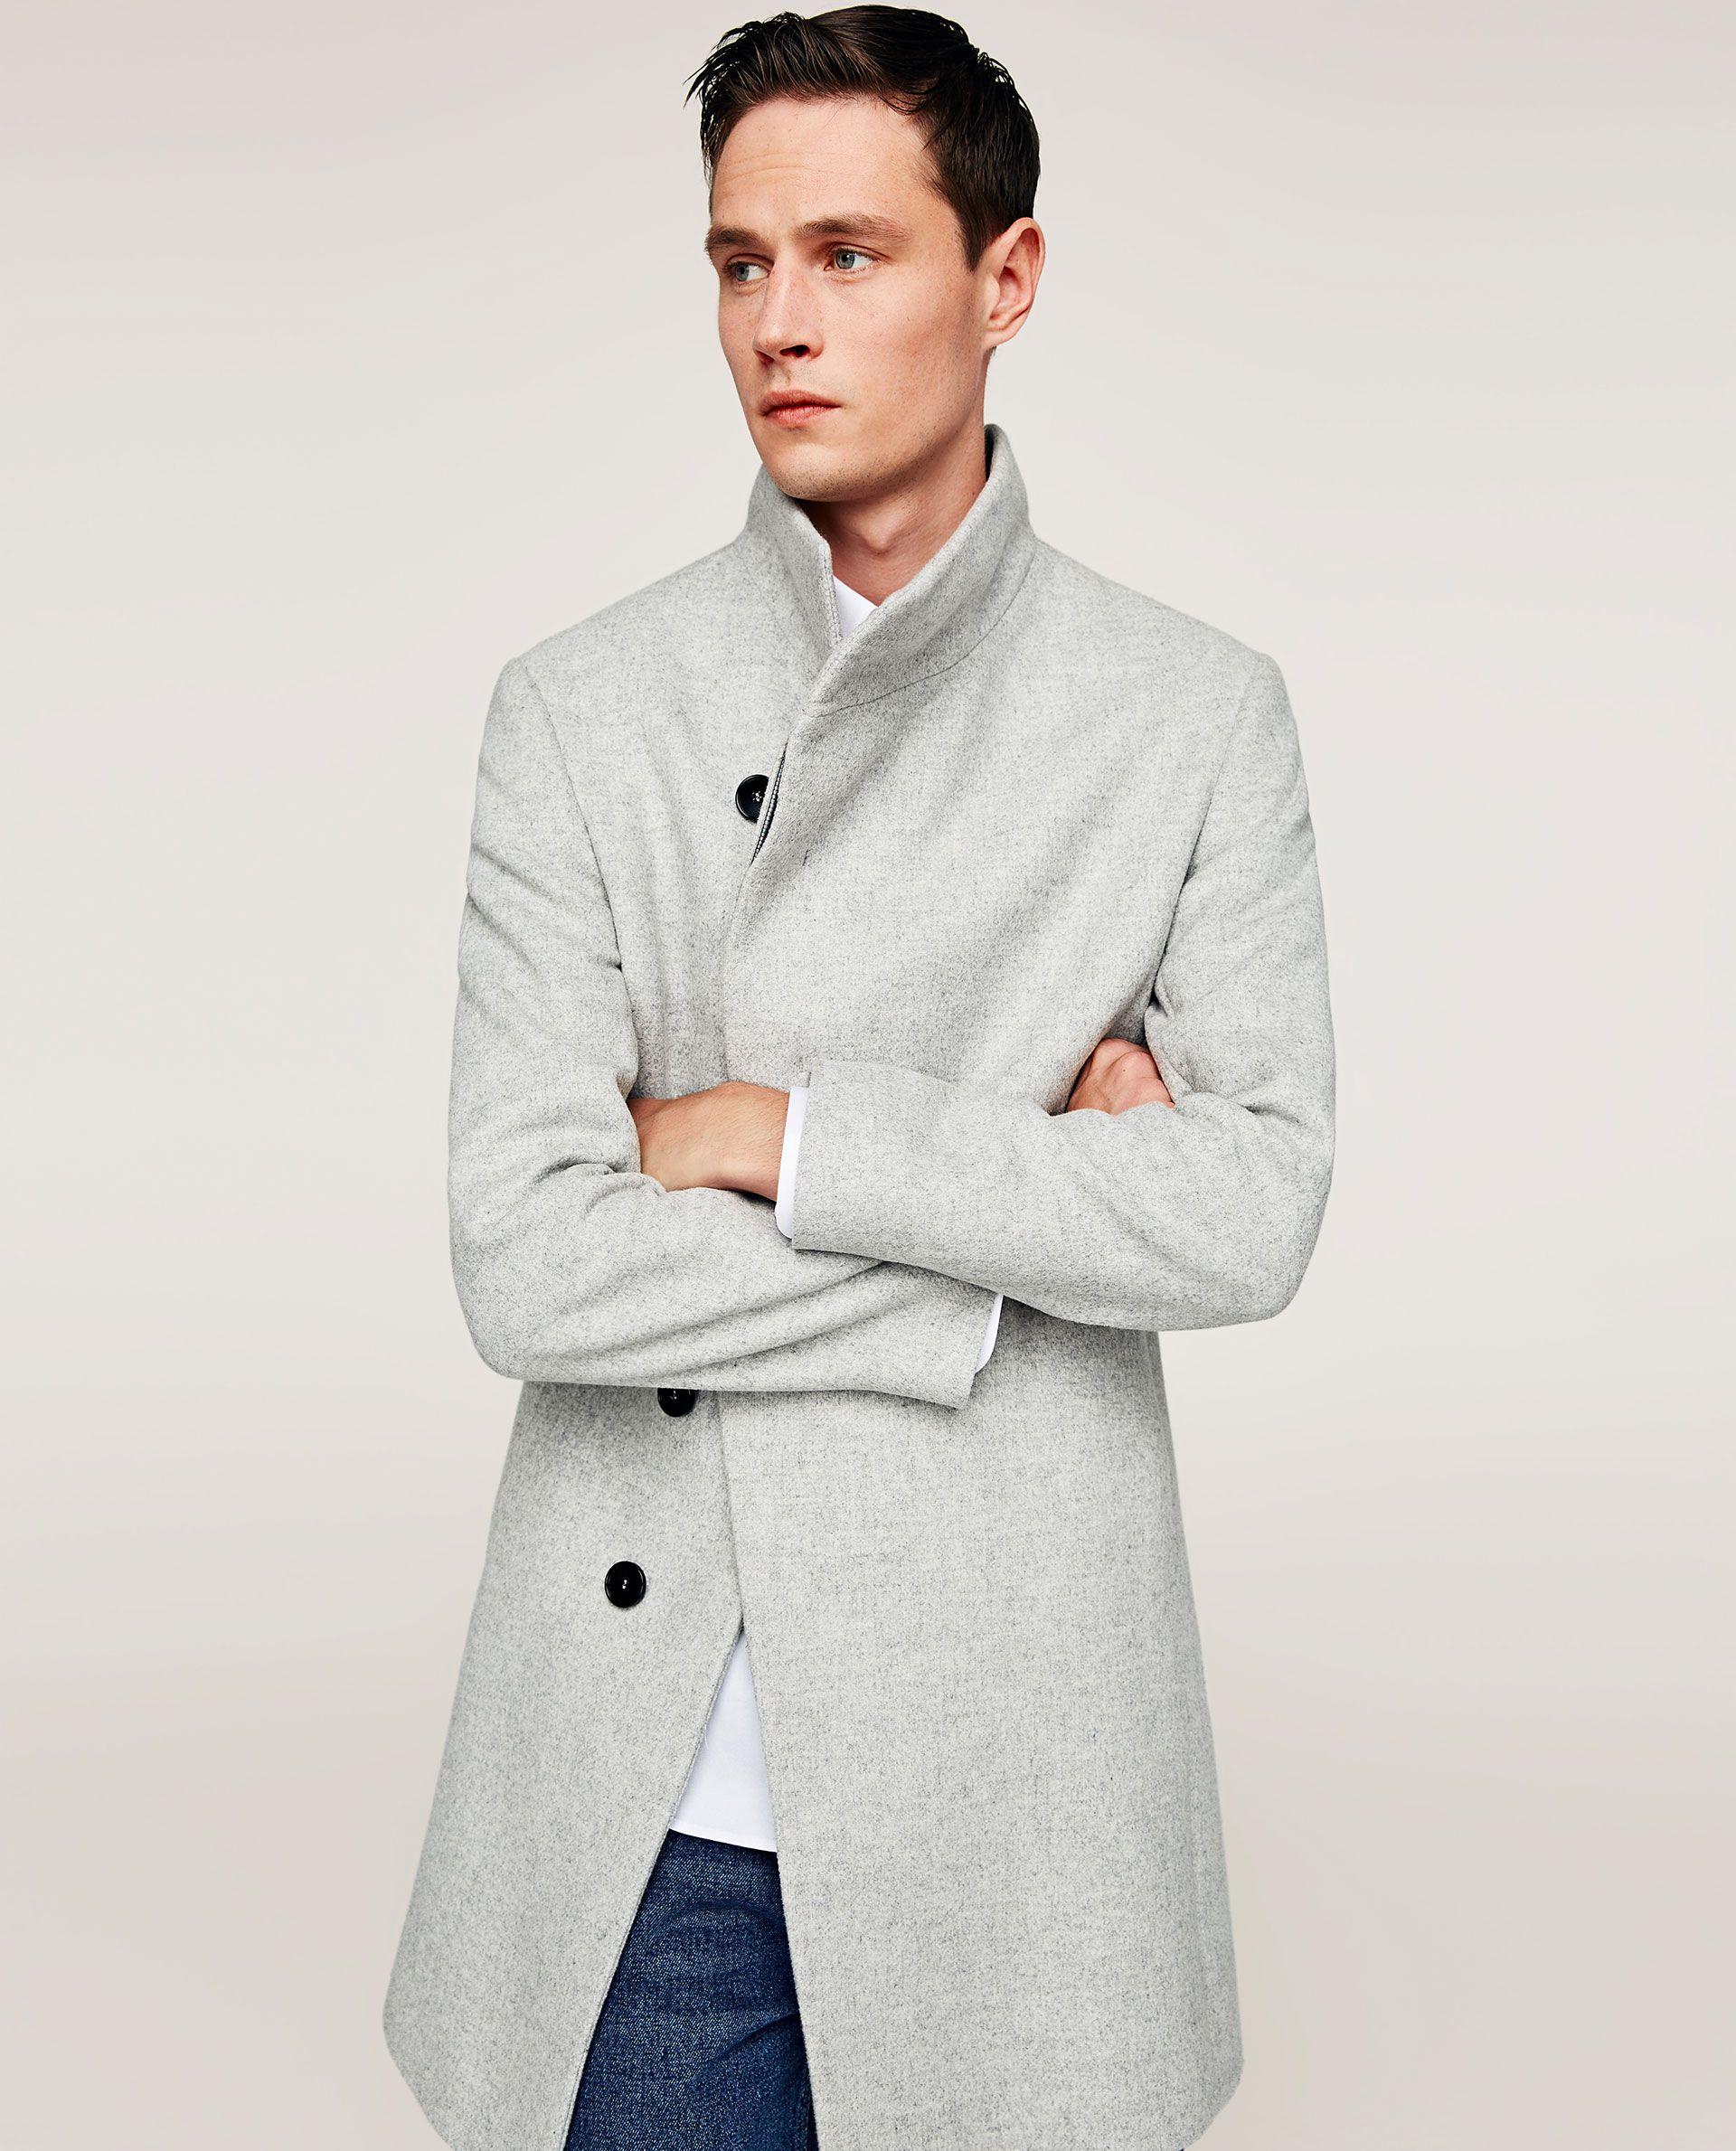 Abrigo gris claro zara